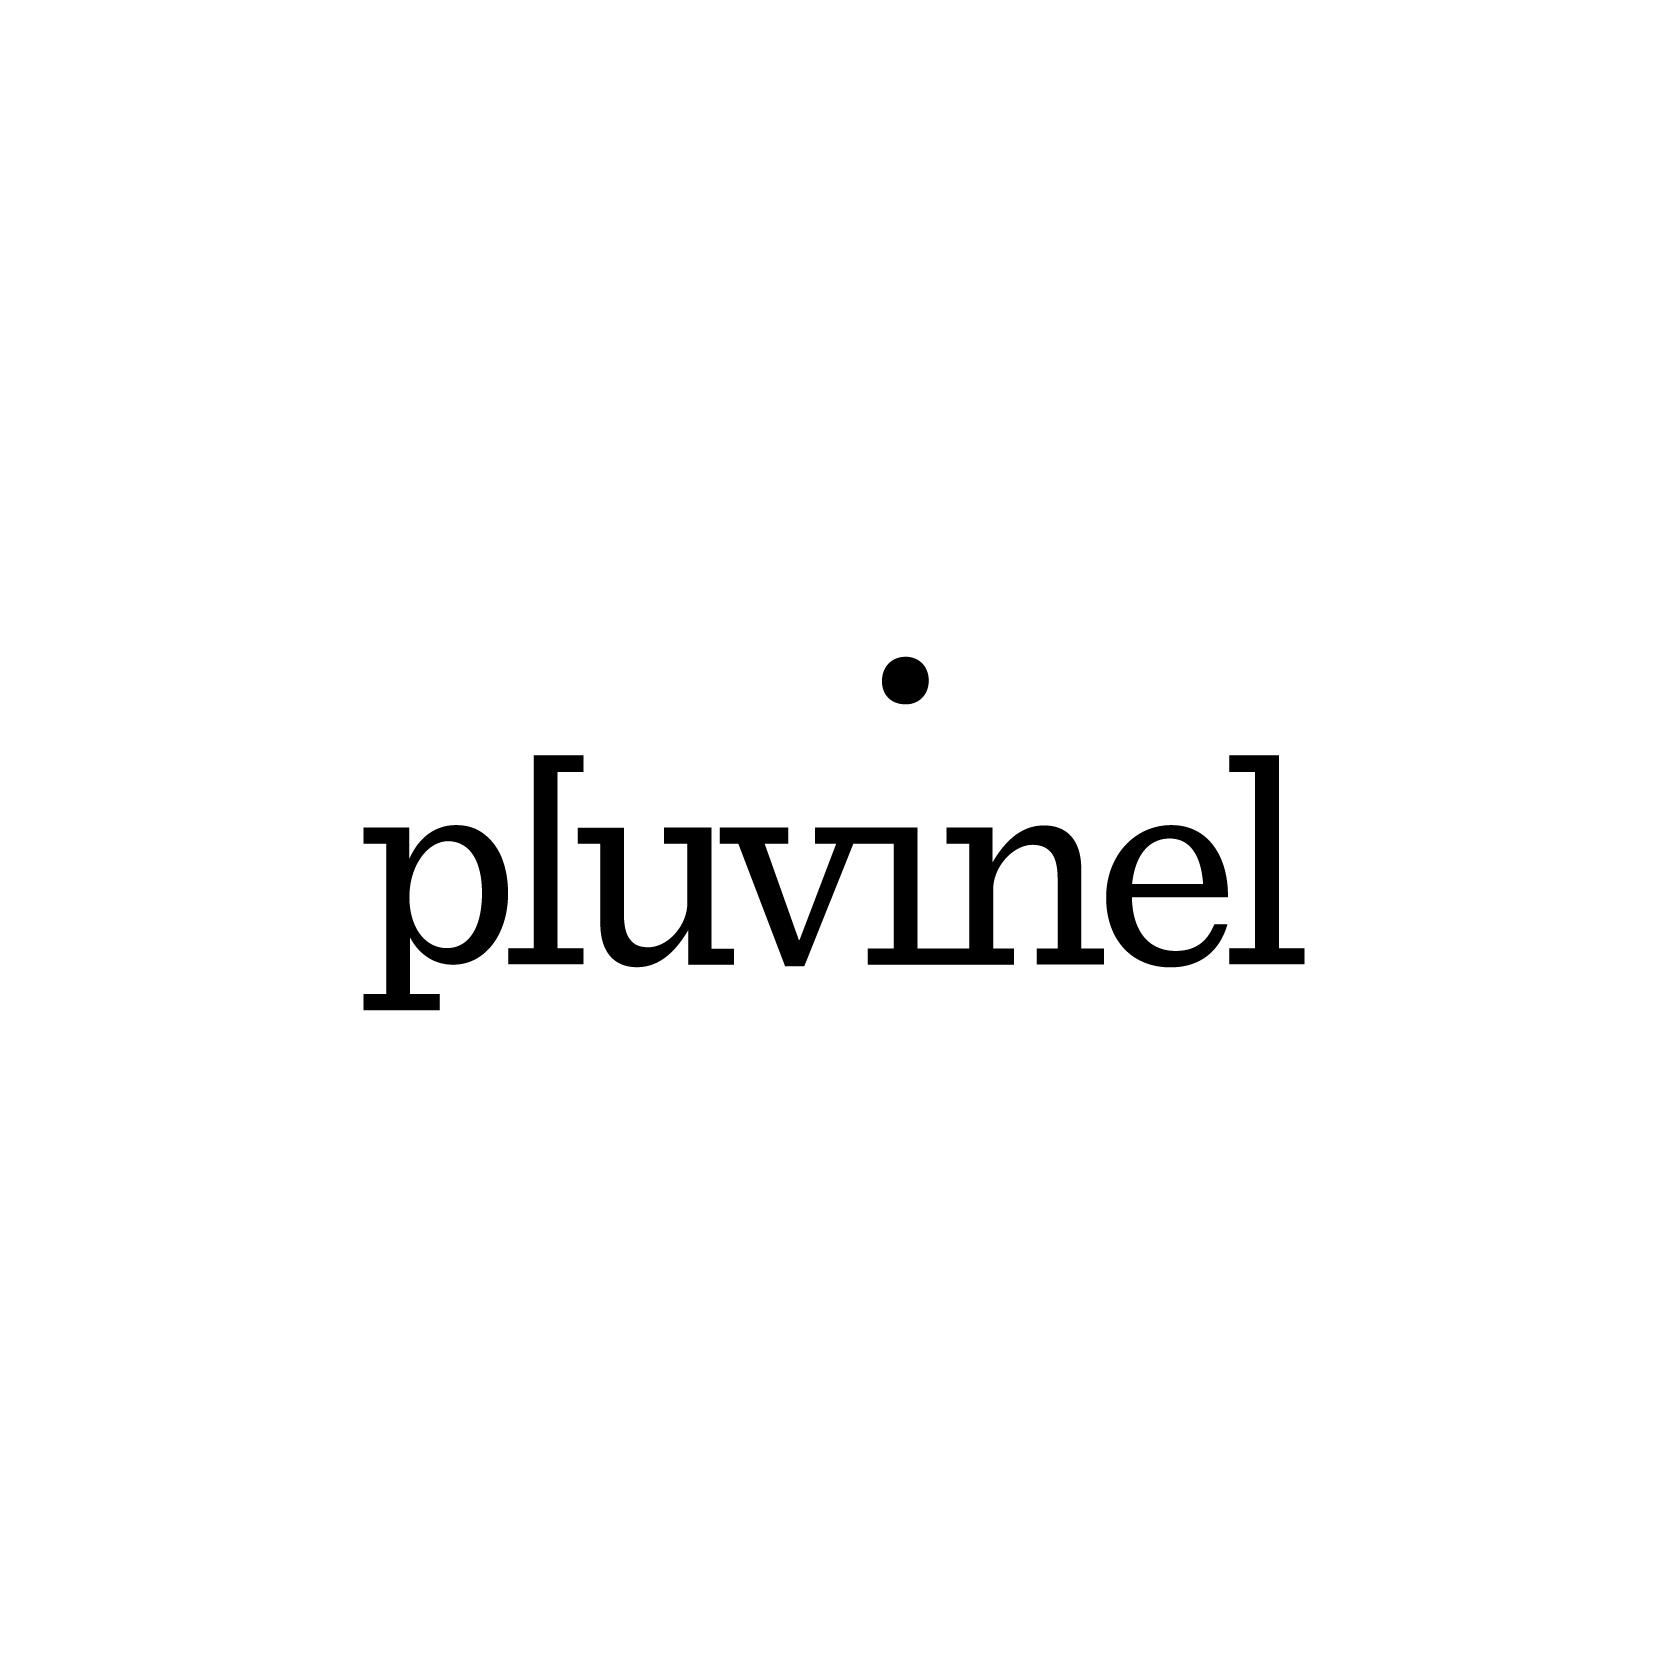 gnd_pluvnel-logo-01.png